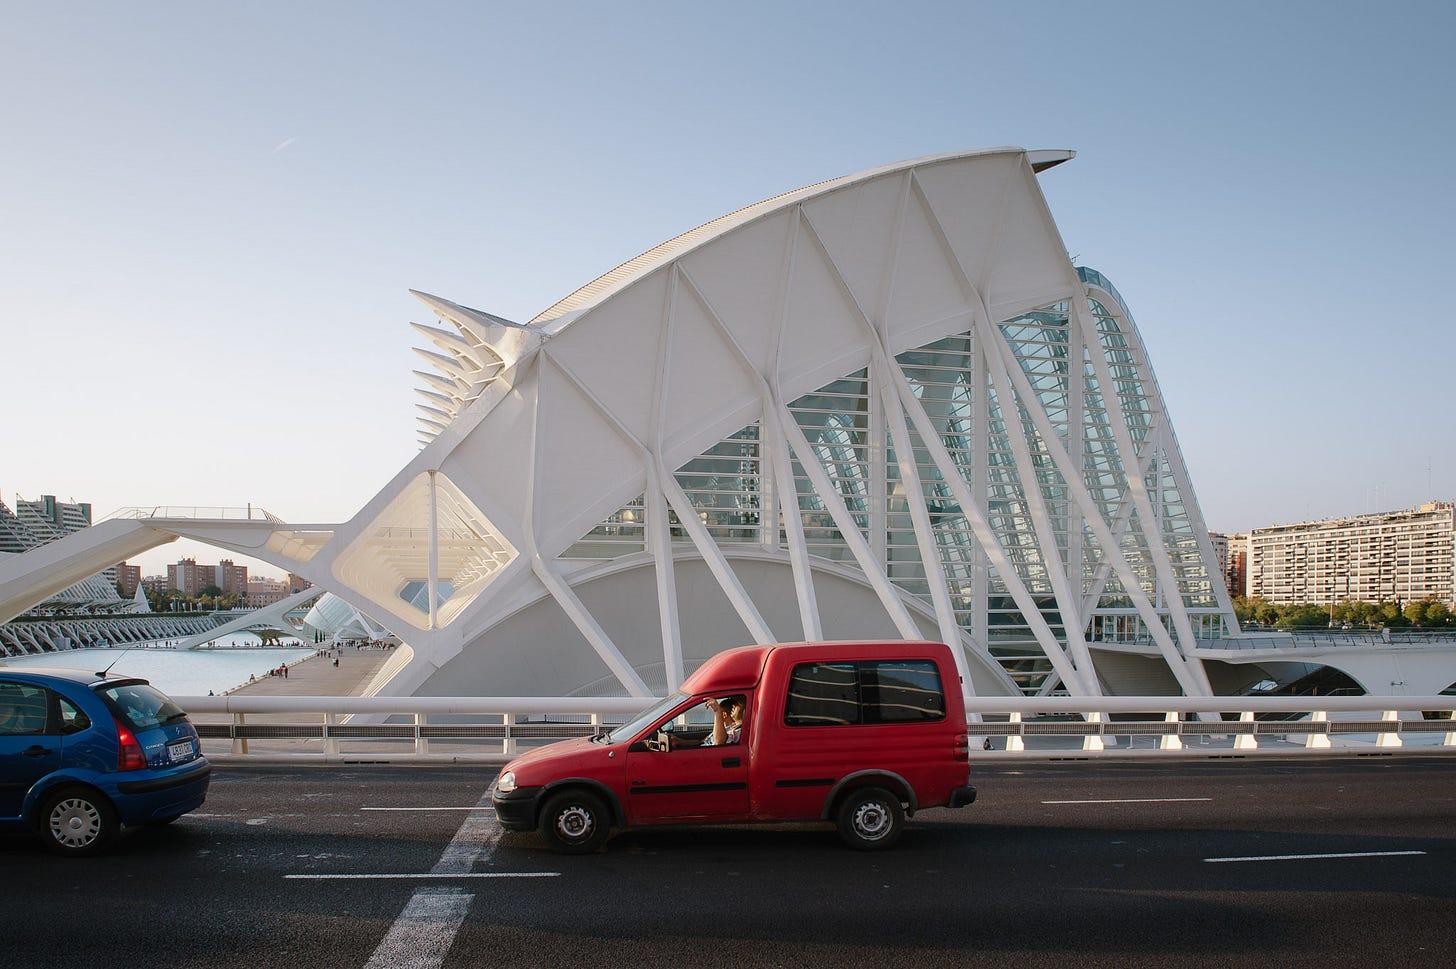 Ciudad de las Artes y las Ciencias - Valencia-DSC_2456-pete-carr-pete-carr.jpg